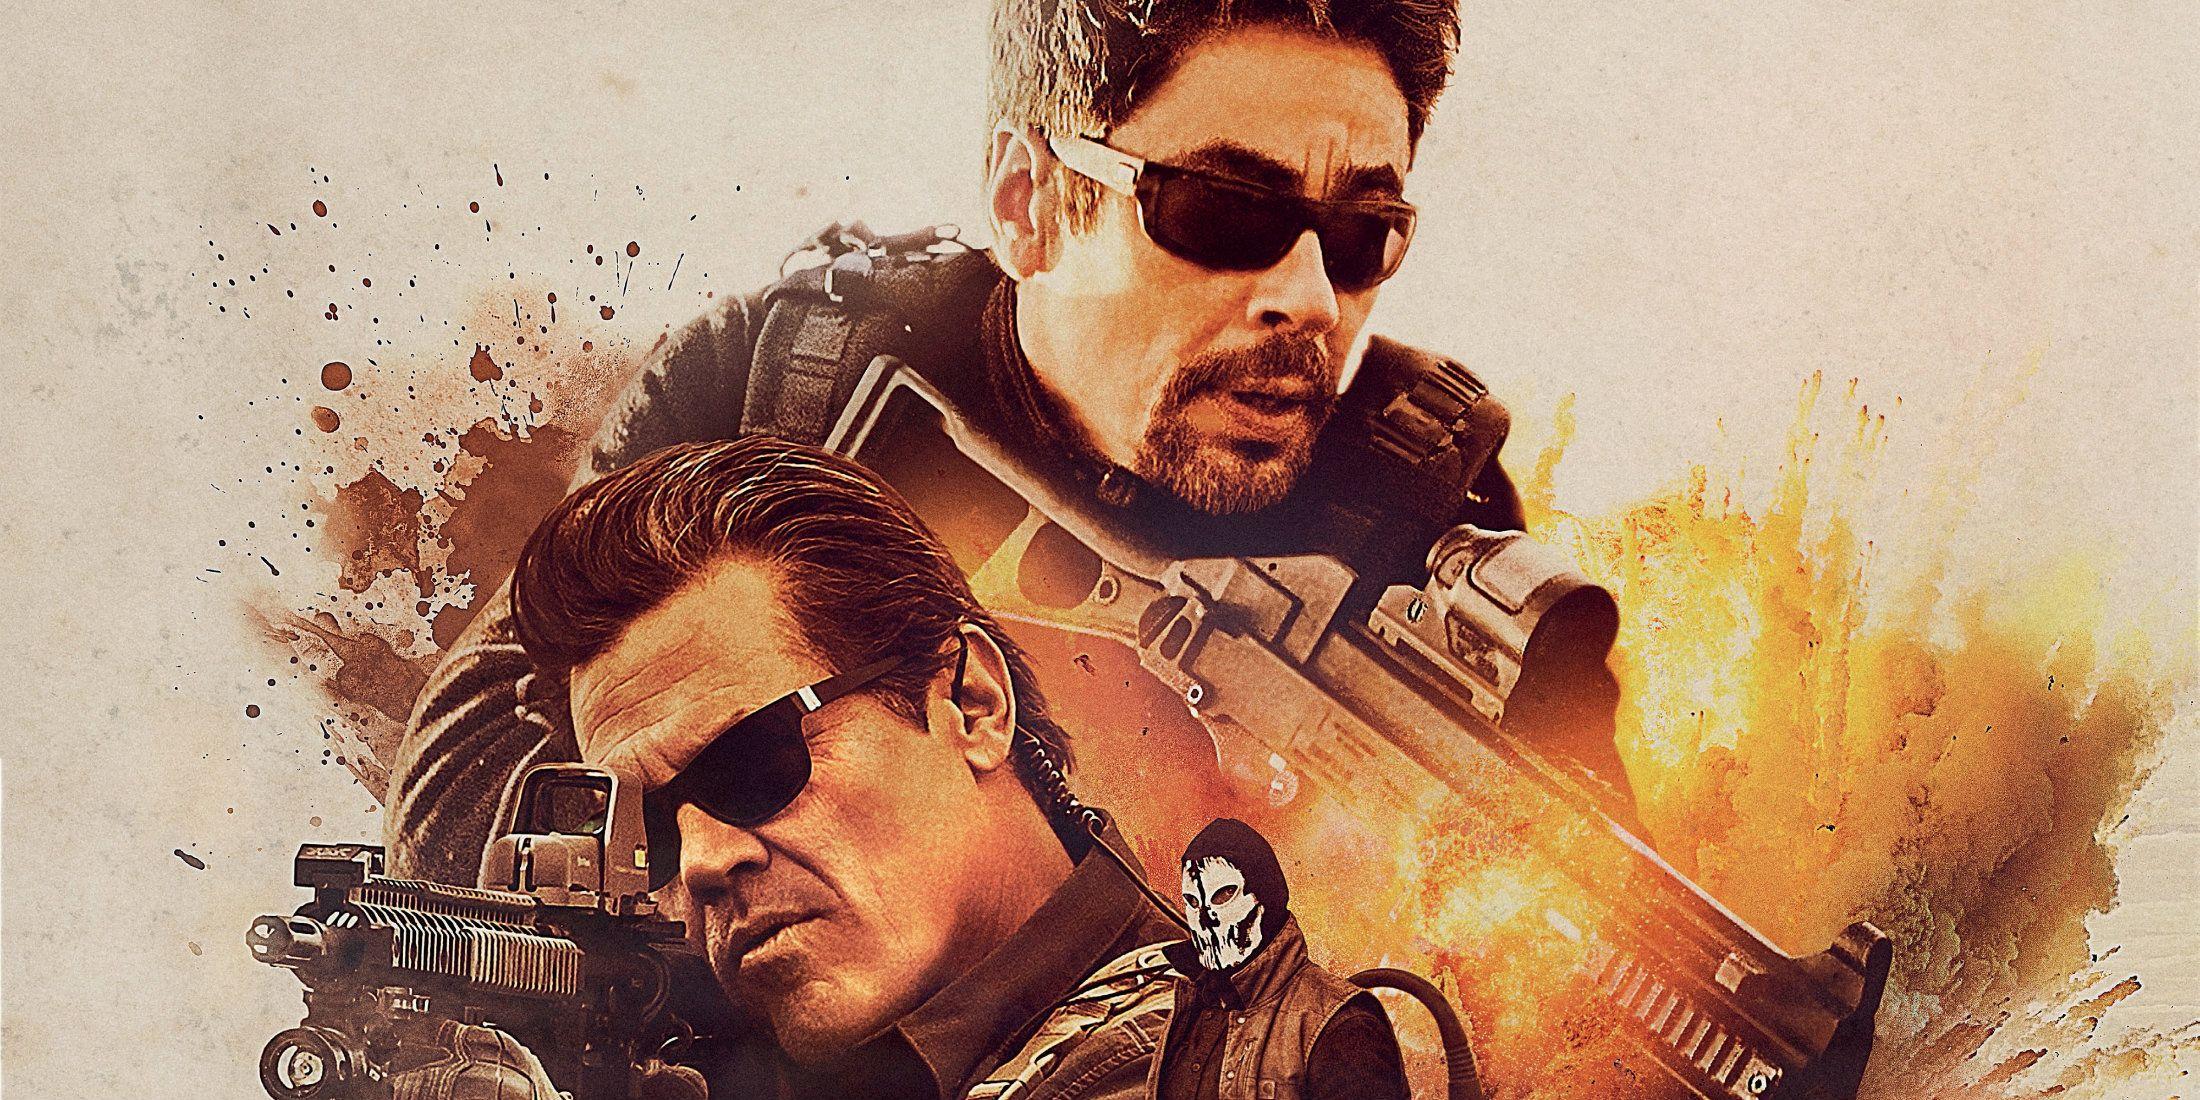 Sicario day of the soldado movie review screenrant - Sicario wallpaper ...